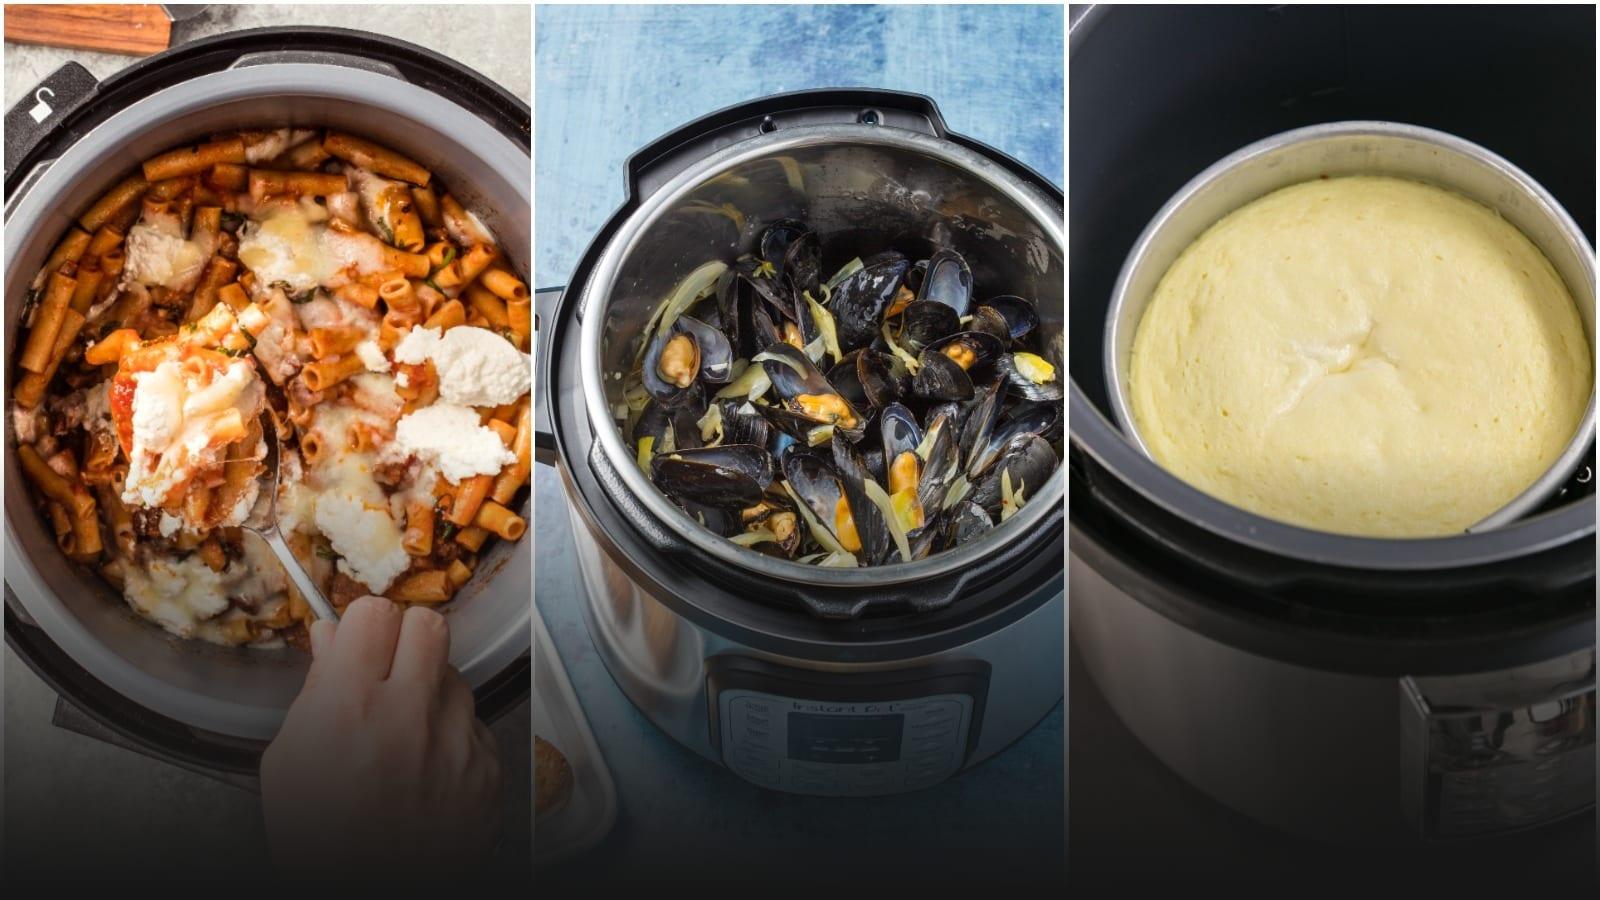 #1 Recipes Instant Pot, Pressure Cooker - cover